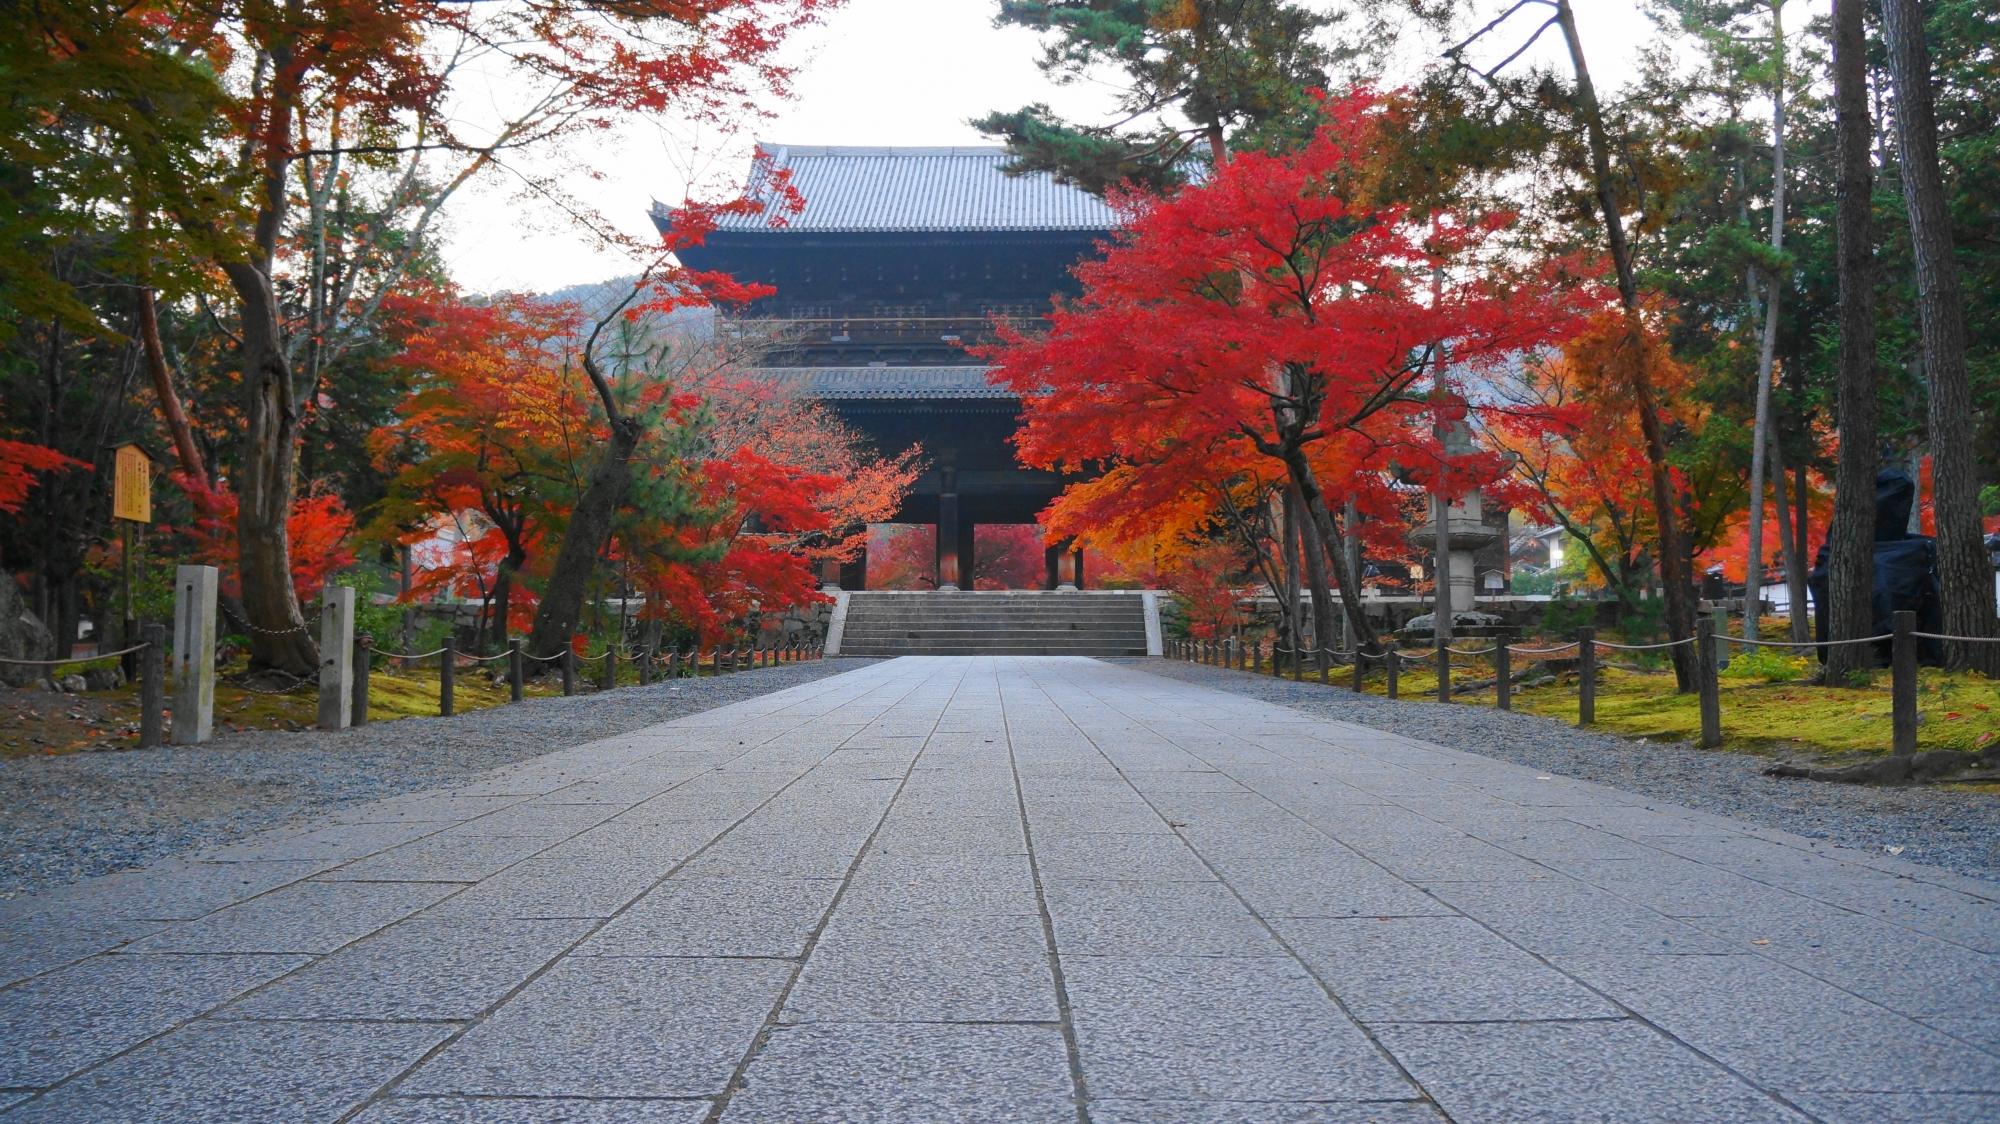 南禅寺の雄大な三門と鮮やかな紅葉